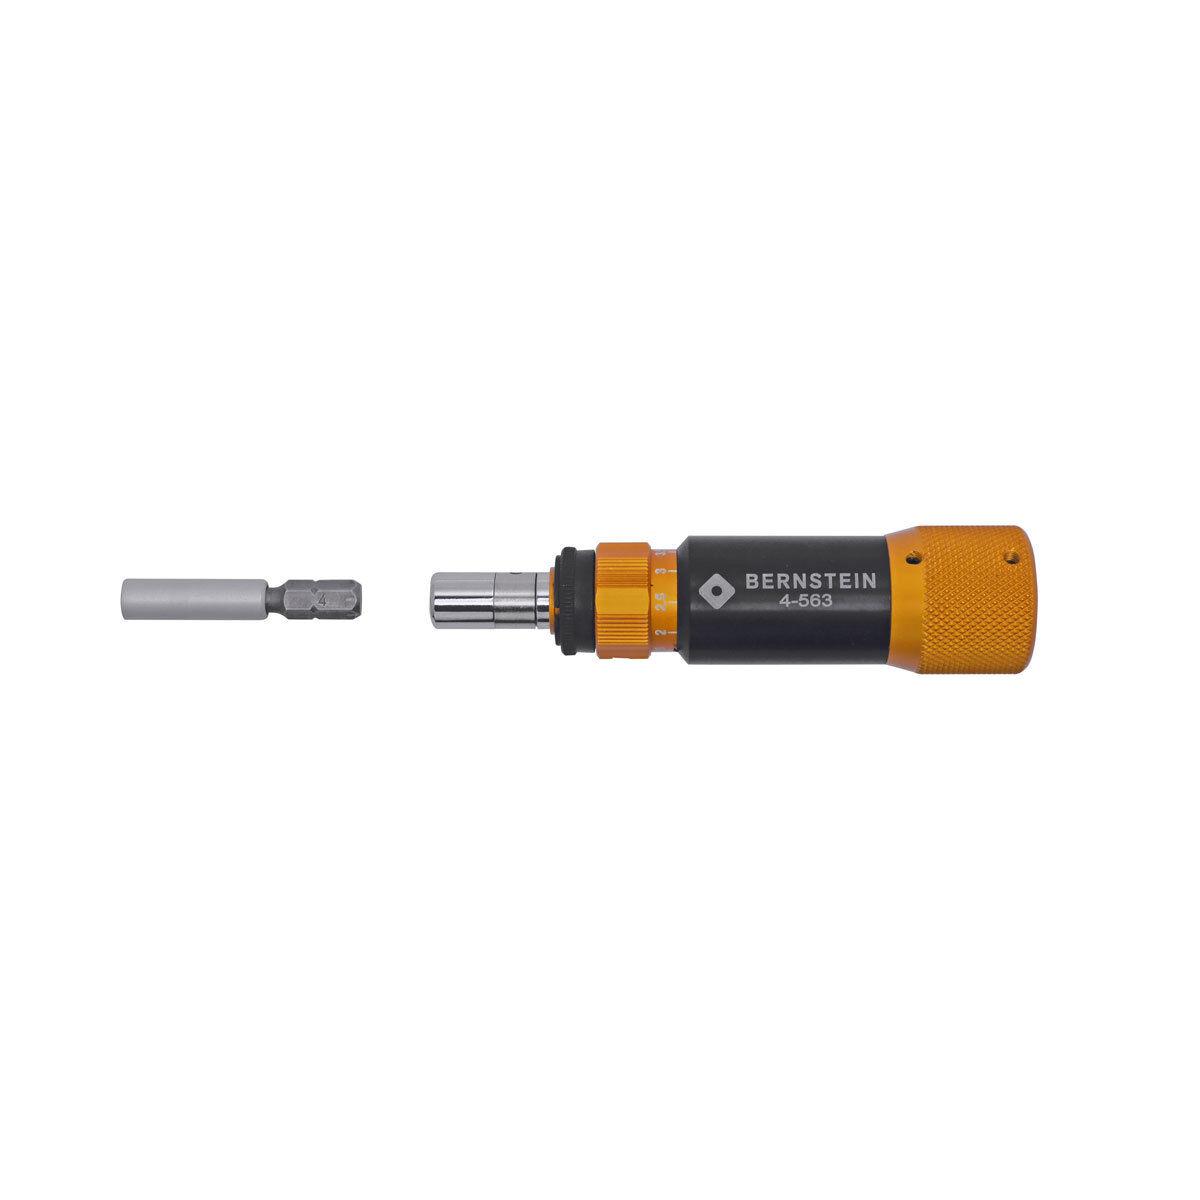 Mini-Drehmomentschraubendreher 0.05 - 0.6 Nm, Länge 100mm, 6-kt. Bit ,No. 4-563 | Online Kaufen  | Neu  | Förderung  | König der Quantität